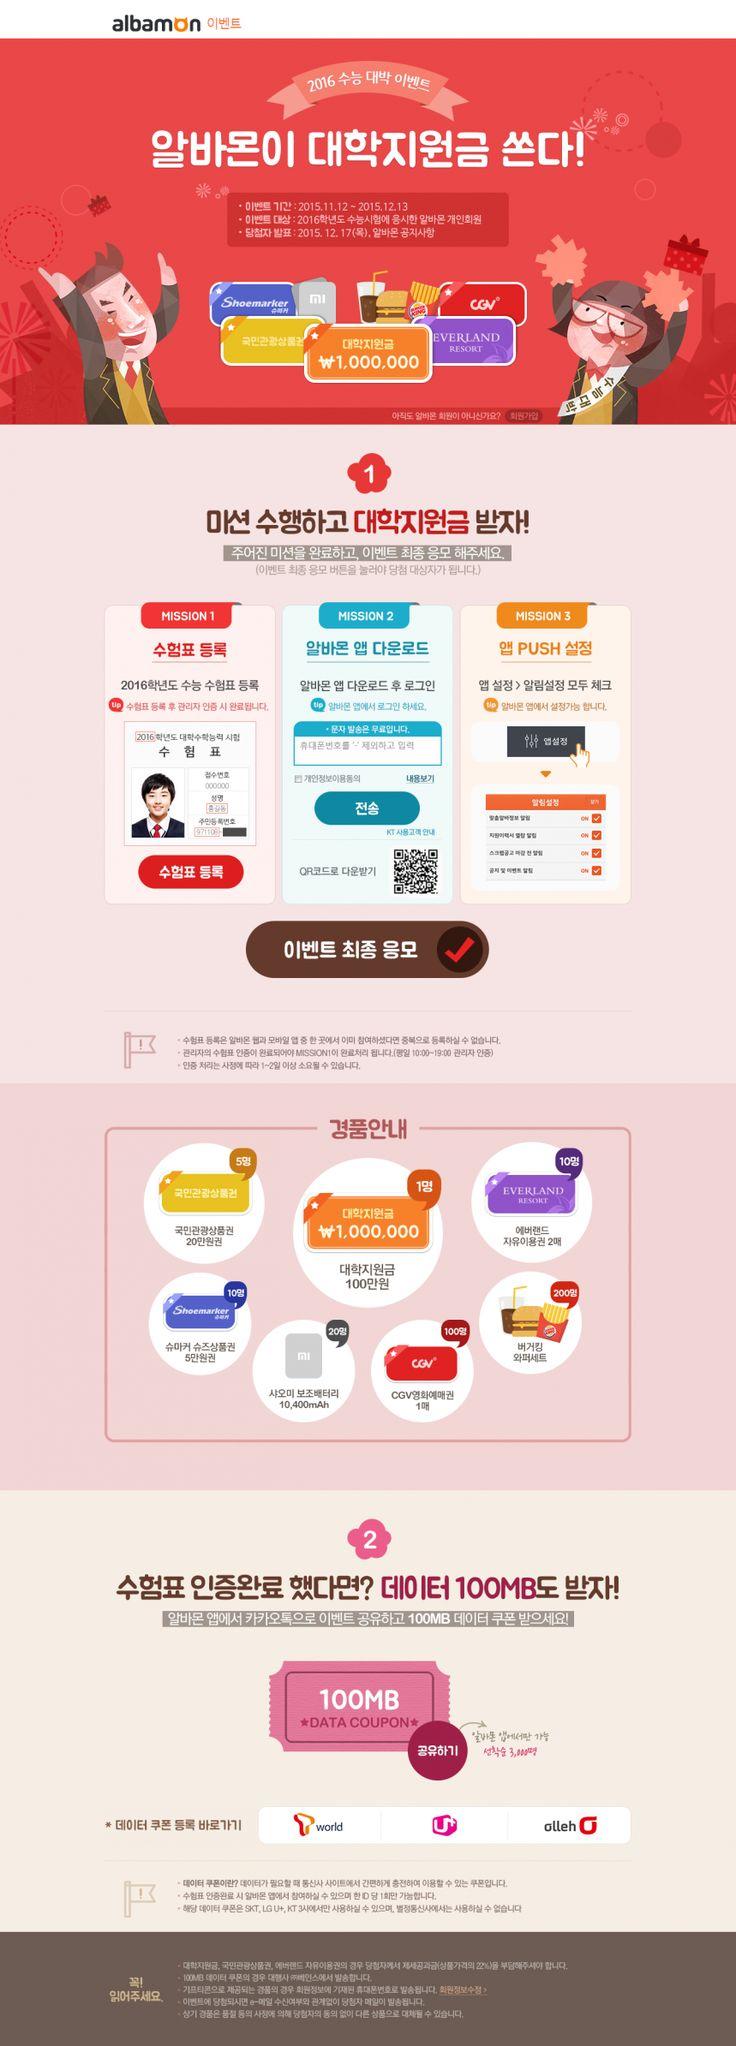 2016 수능 대박 이벤트 > 이벤트 | 페어아이 - 박람회,공연,전시,이벤트,축제,행사 정보를 한곳에서!!